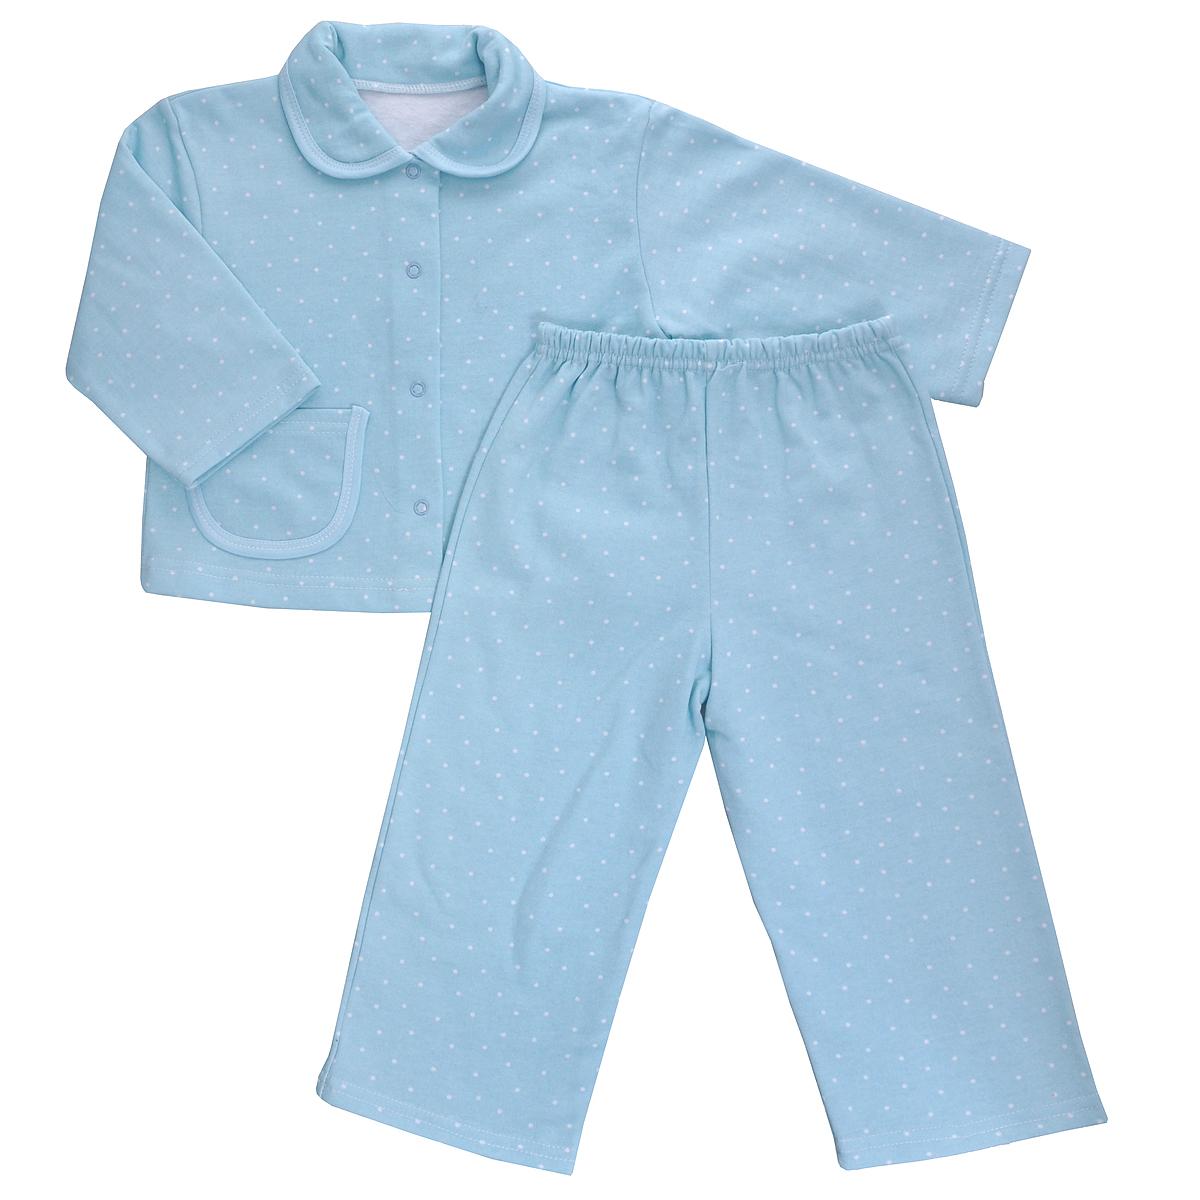 5552Яркая детская пижама Трон-плюс, состоящая из кофточки и штанишек, идеально подойдет вашему малышу и станет отличным дополнением к детскому гардеробу. Теплая пижама, изготовленная из набивного футера - натурального хлопка, необычайно мягкая и легкая, не сковывает движения ребенка, позволяет коже дышать и не раздражает даже самую нежную и чувствительную кожу малыша. Кофта с длинными рукавами имеет отложной воротничок и застегивается на кнопки, также оформлена небольшим накладным карманчиком. Штанишки на удобной резинке не сдавливают животик ребенка и не сползают. В такой пижаме ваш ребенок будет чувствовать себя комфортно и уютно во время сна.